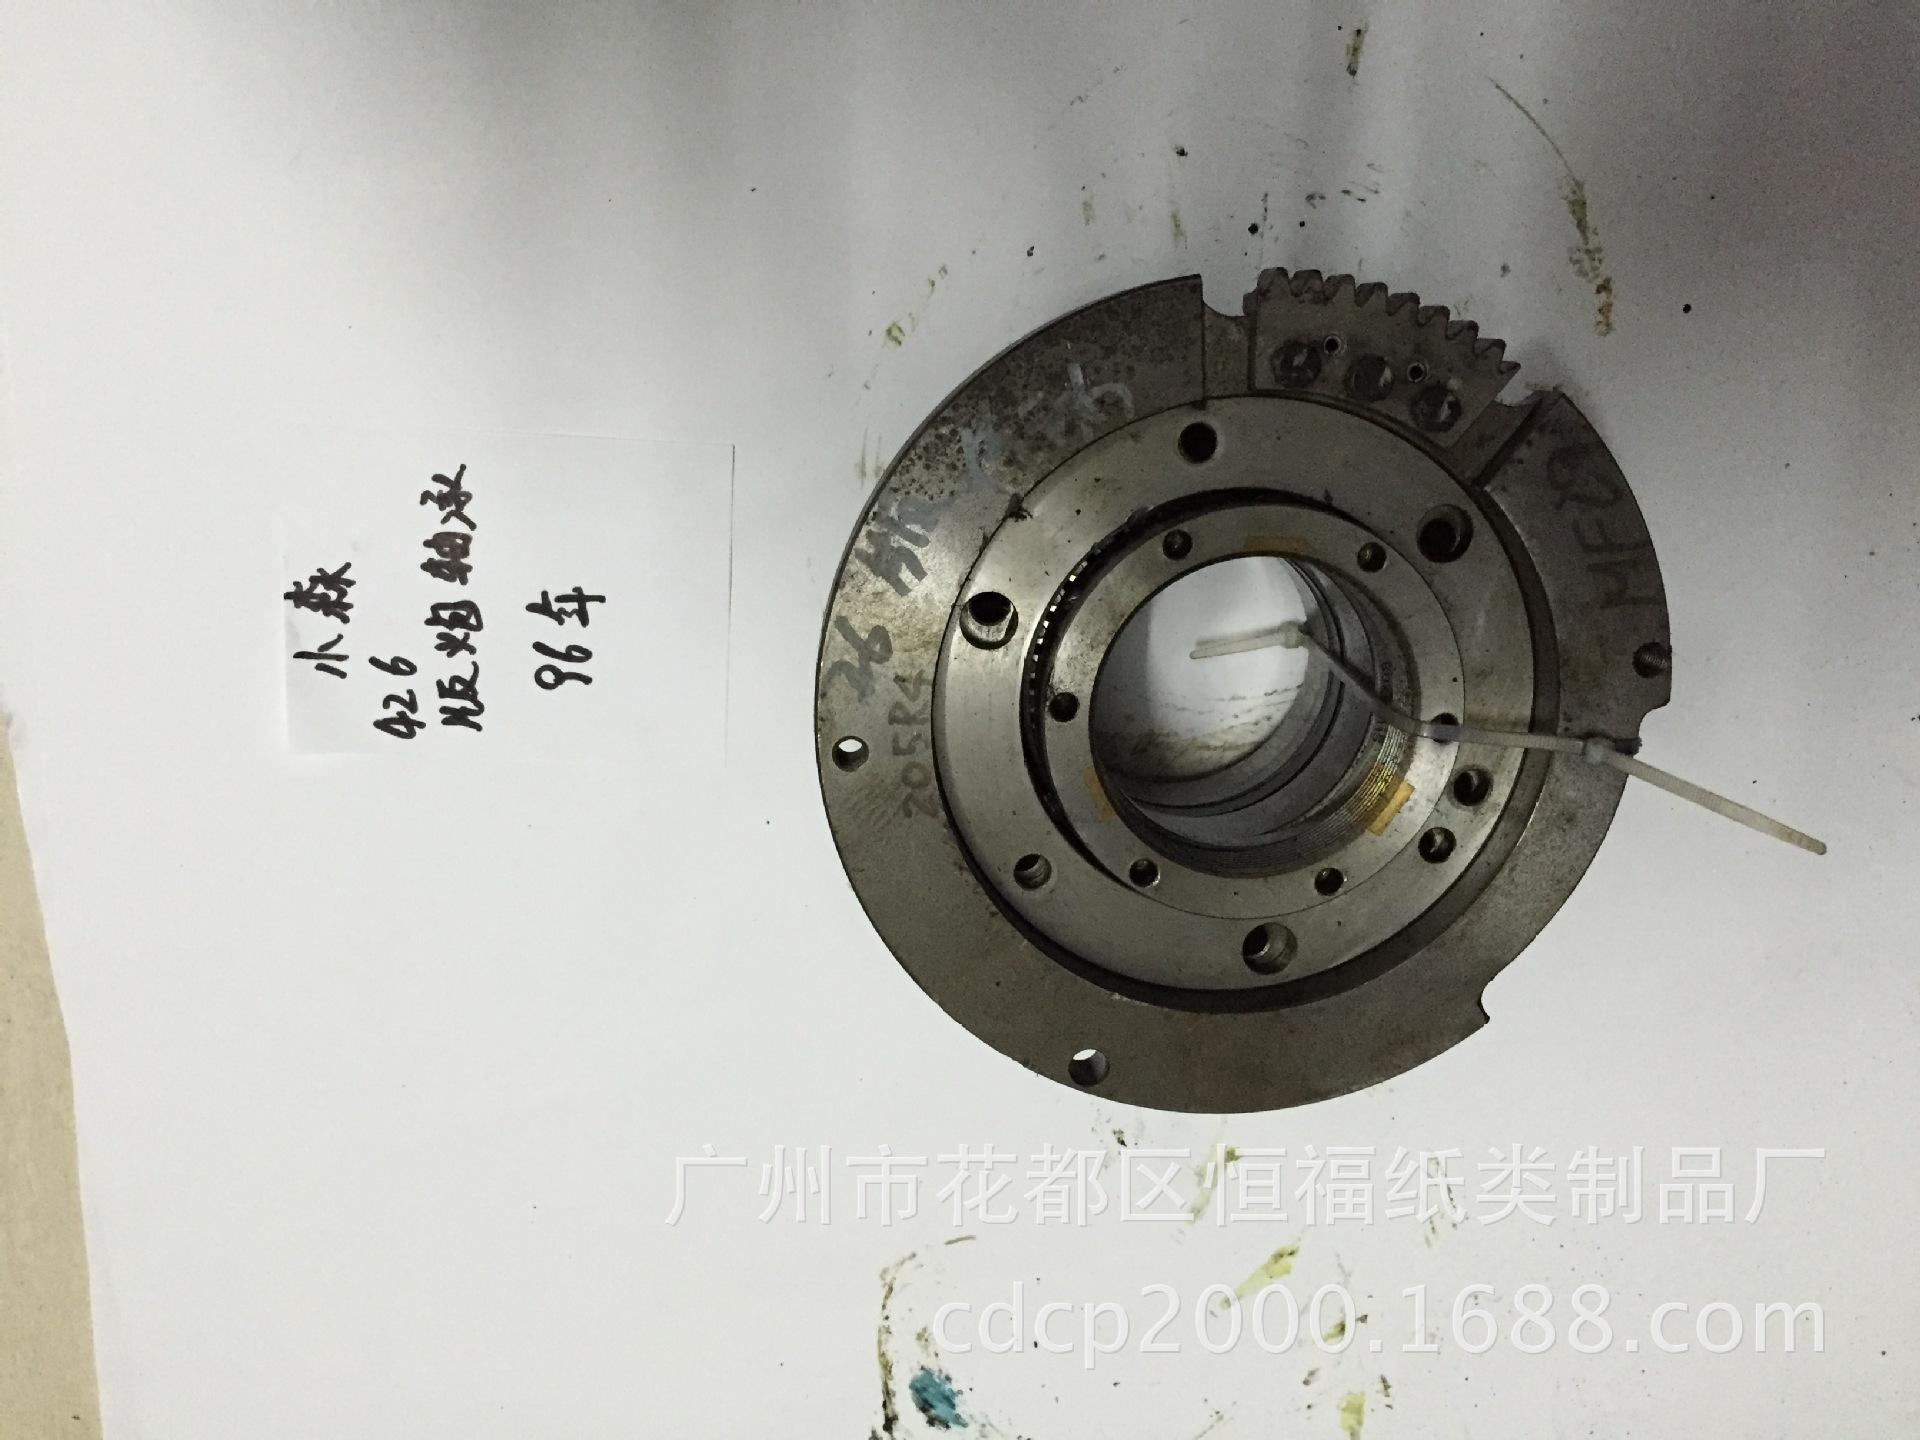 转让二手拆件件mdashmdash96年小森426或428用版炮轴承操作面和传动面图片